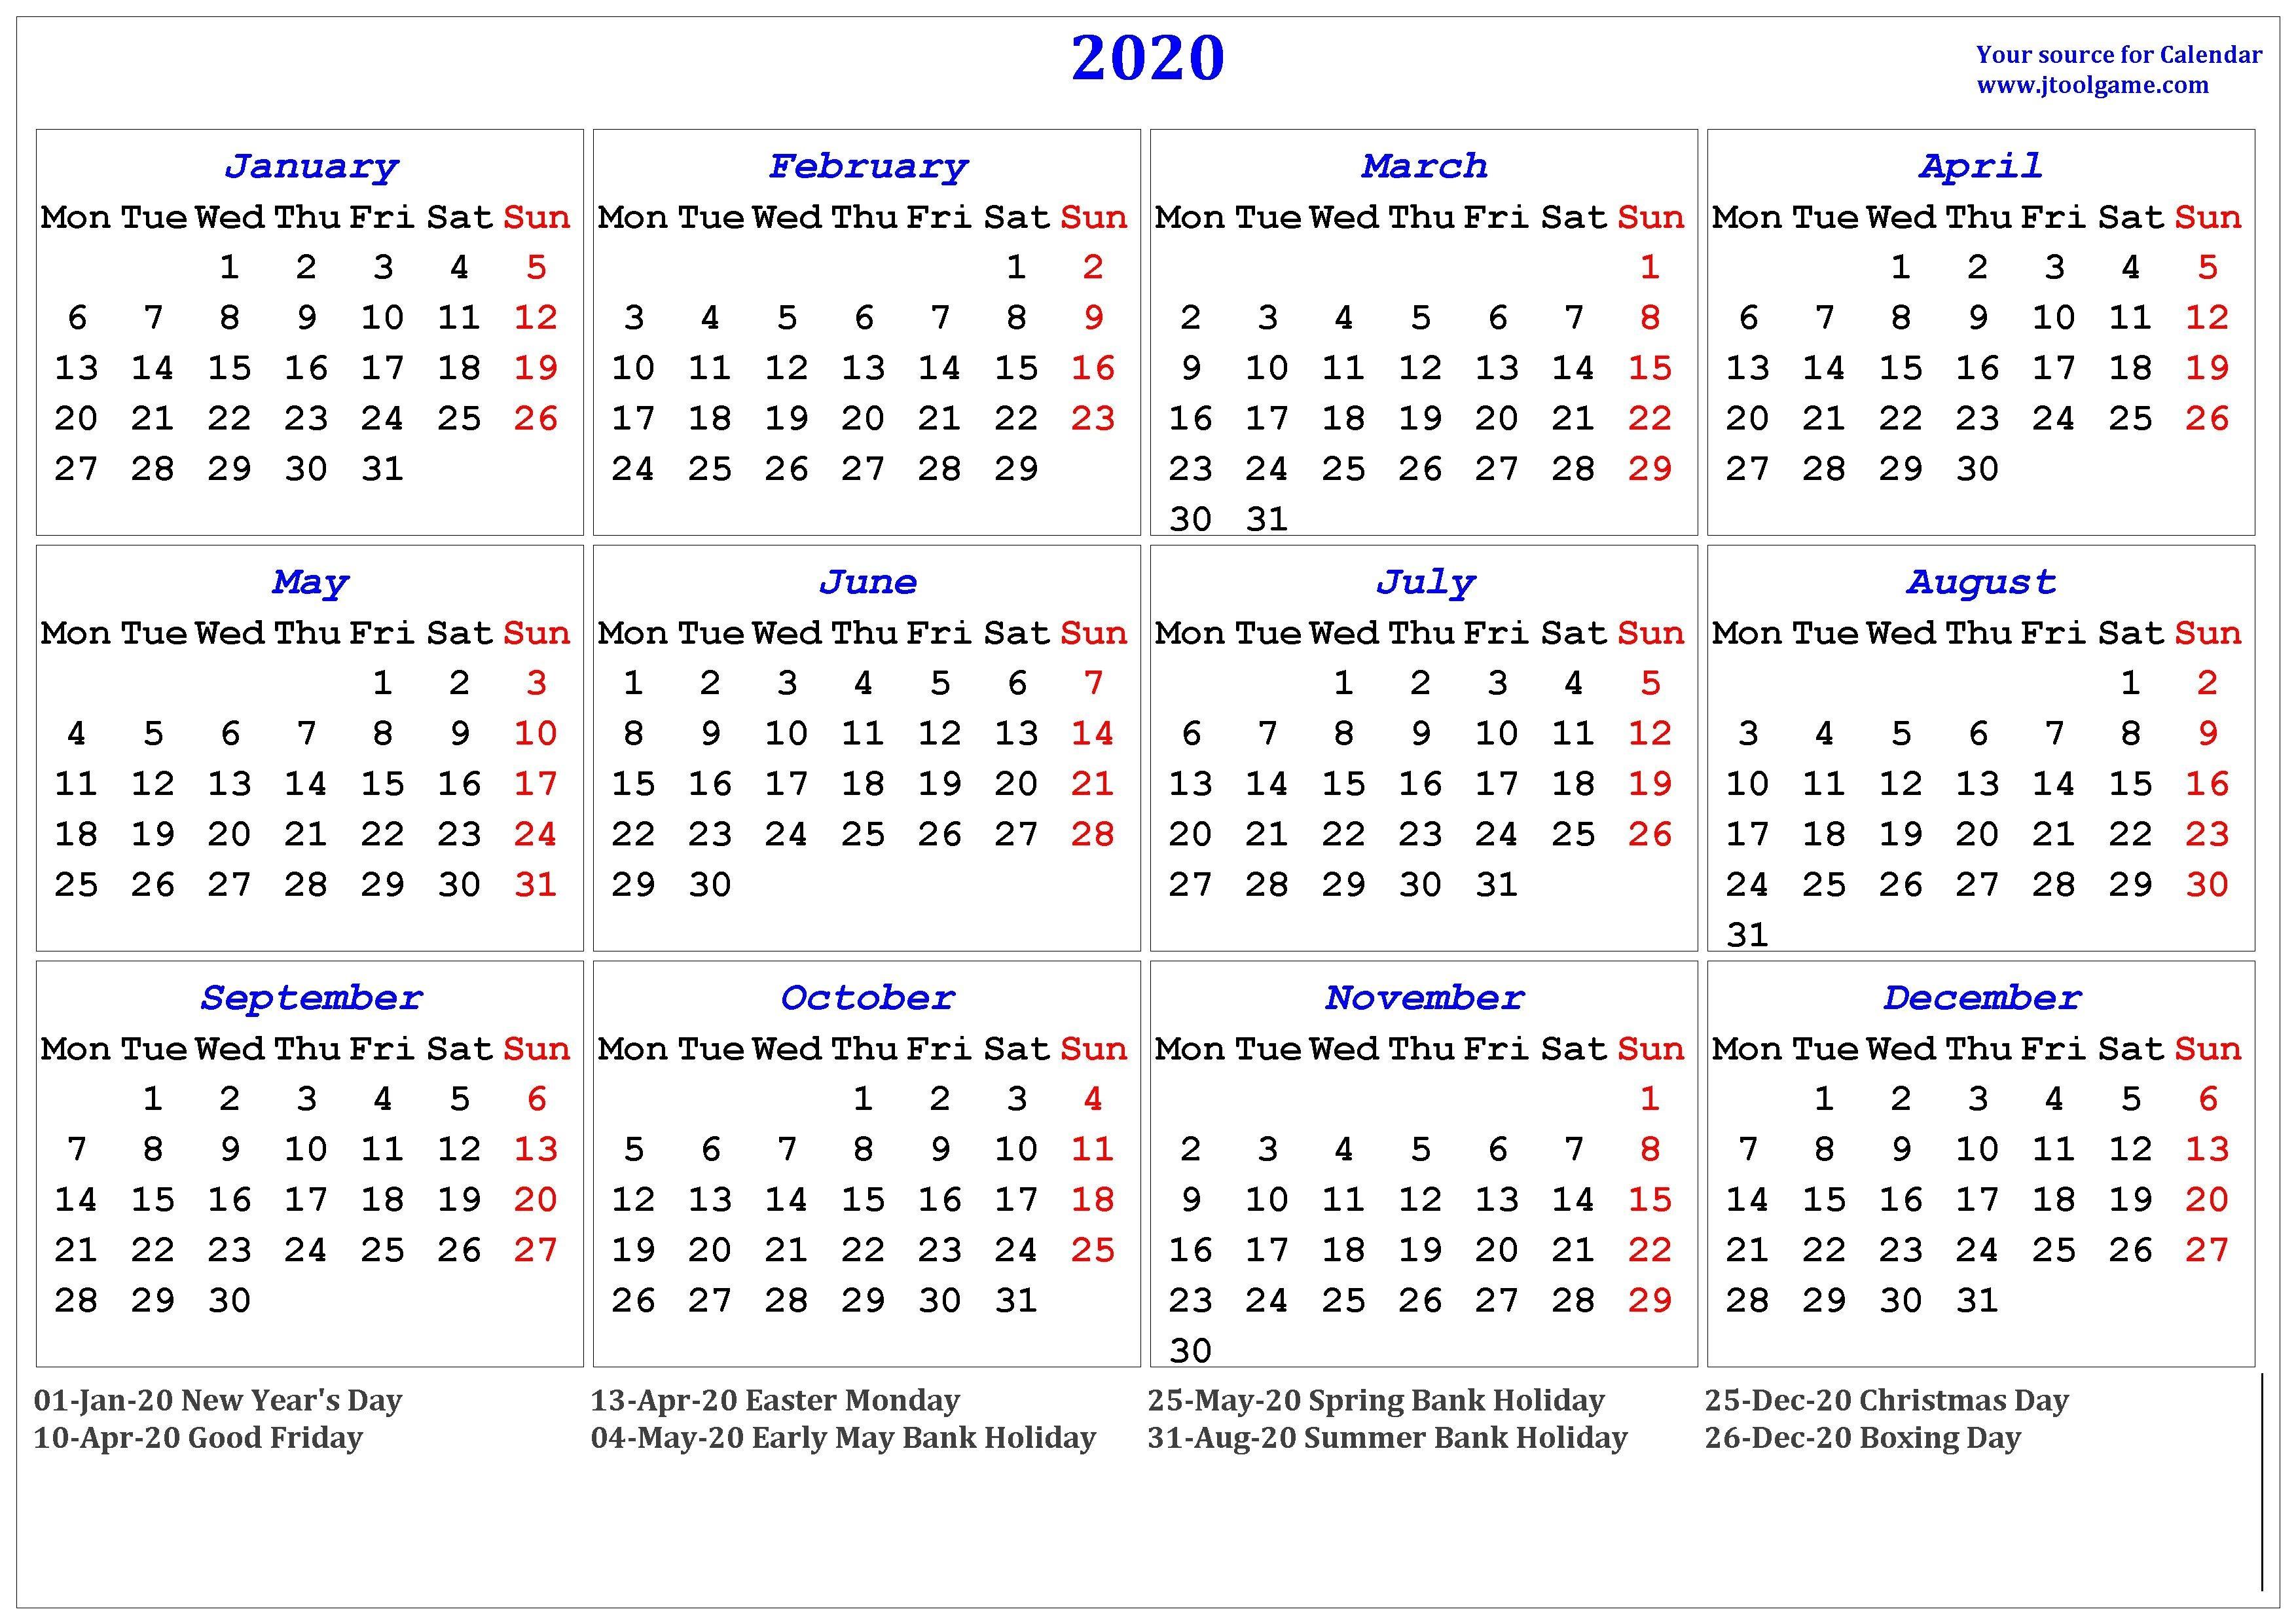 2020 Calendar - Printable Calendar. 2020 Calendar In-Printable 2020 Holidays India